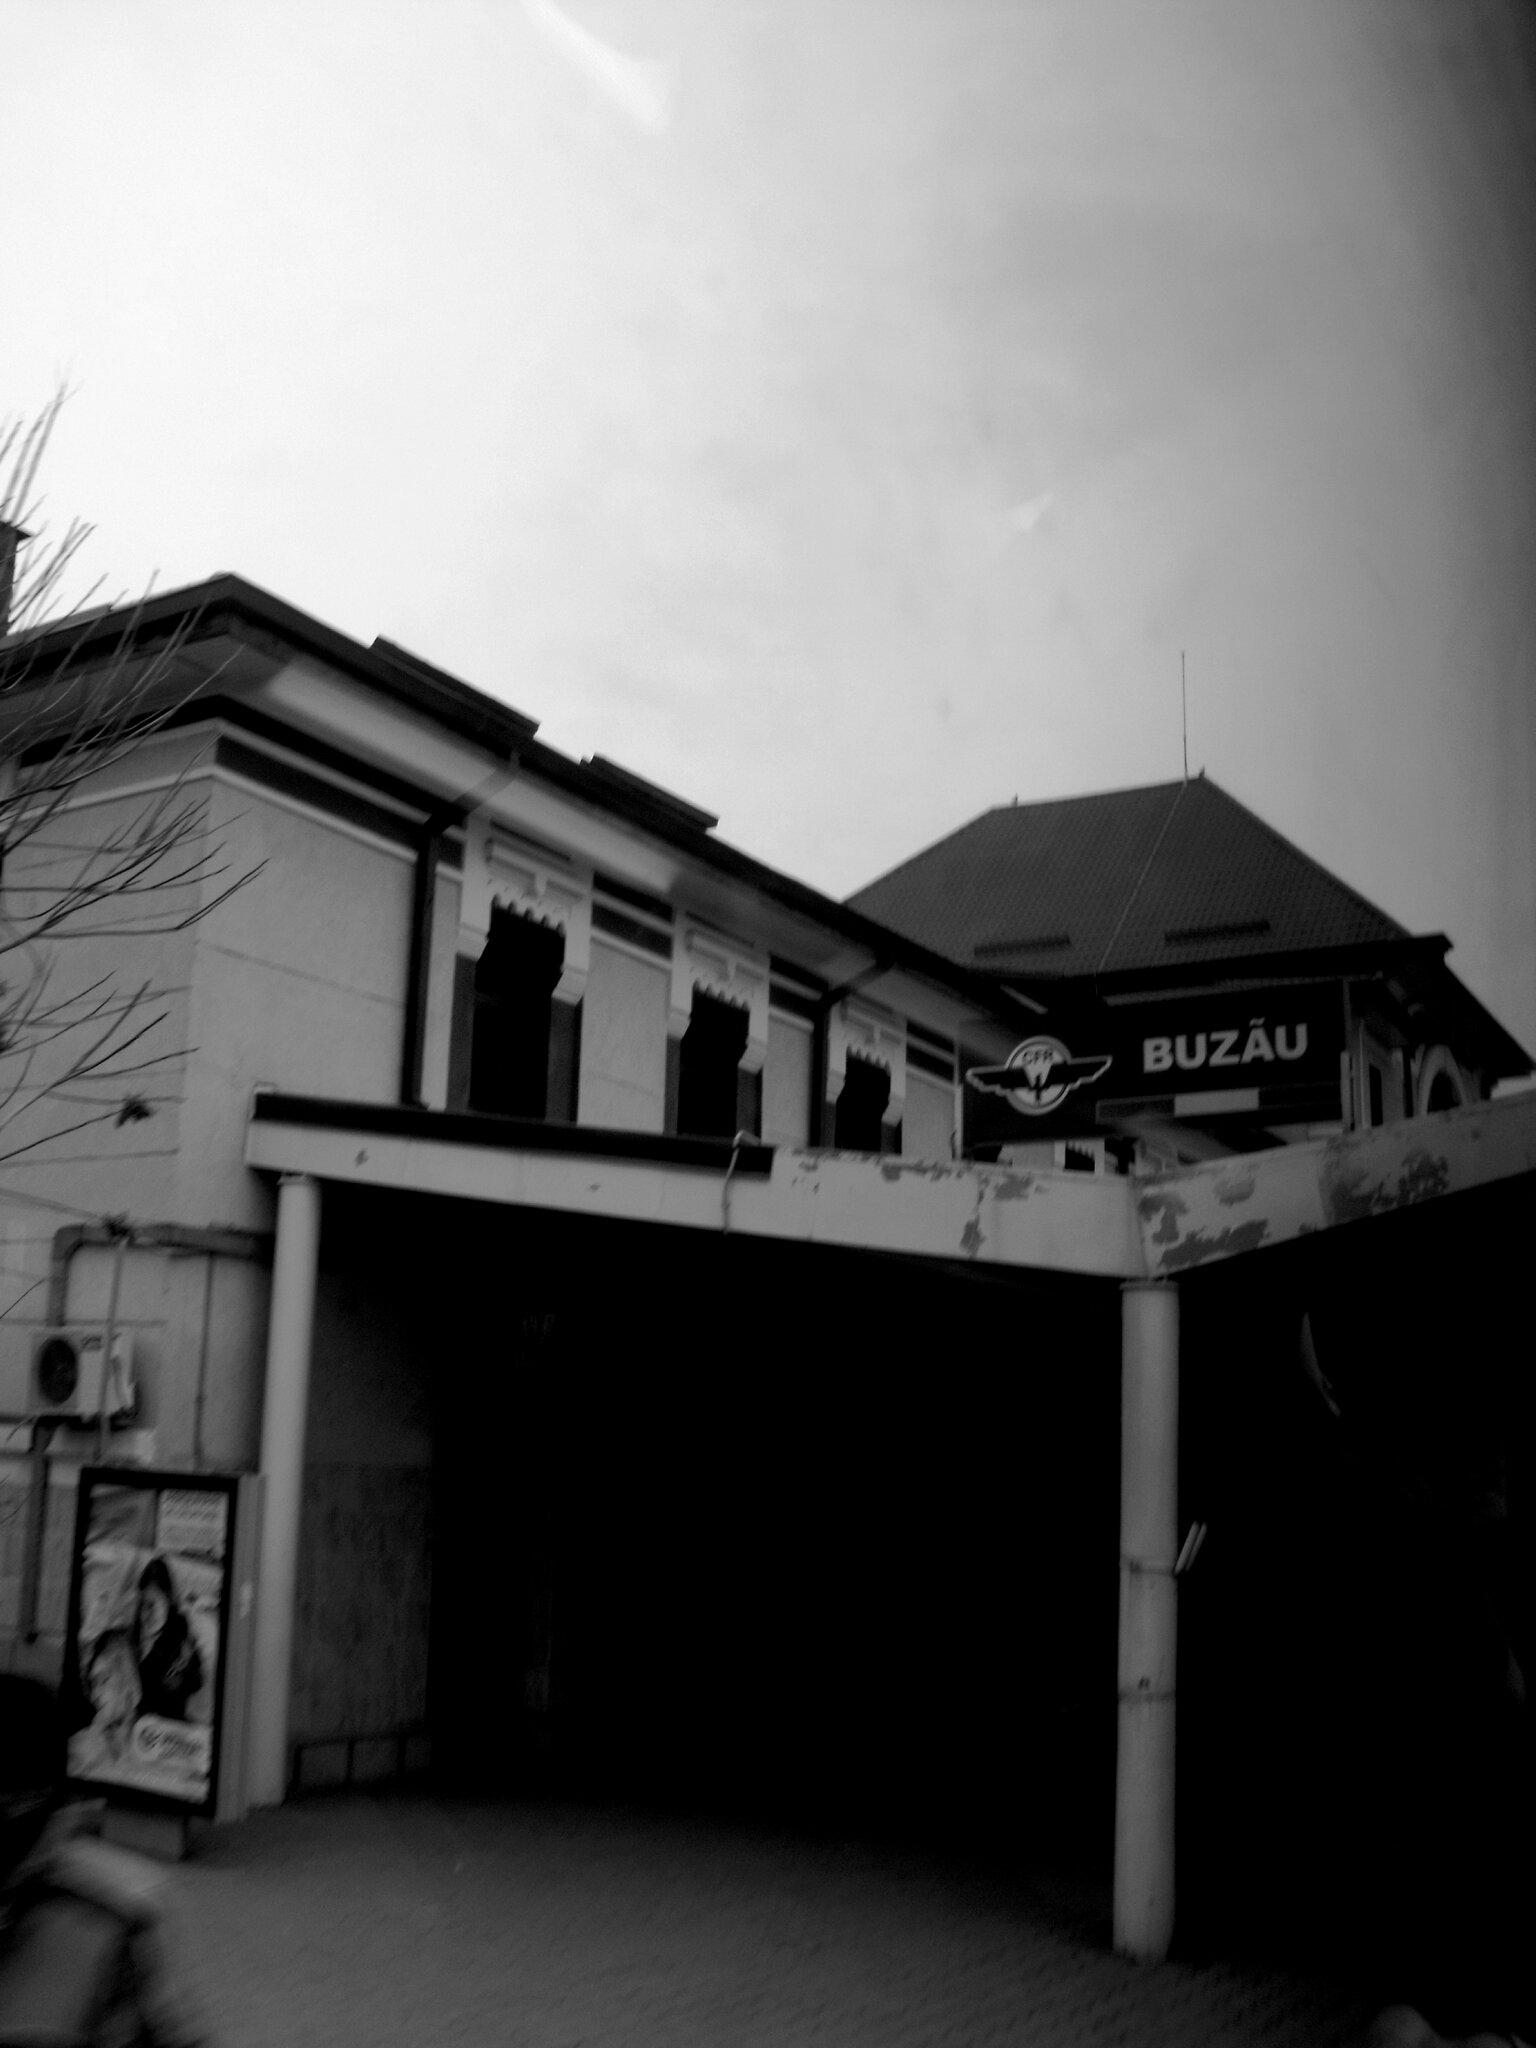 Buzau (Roumanie)